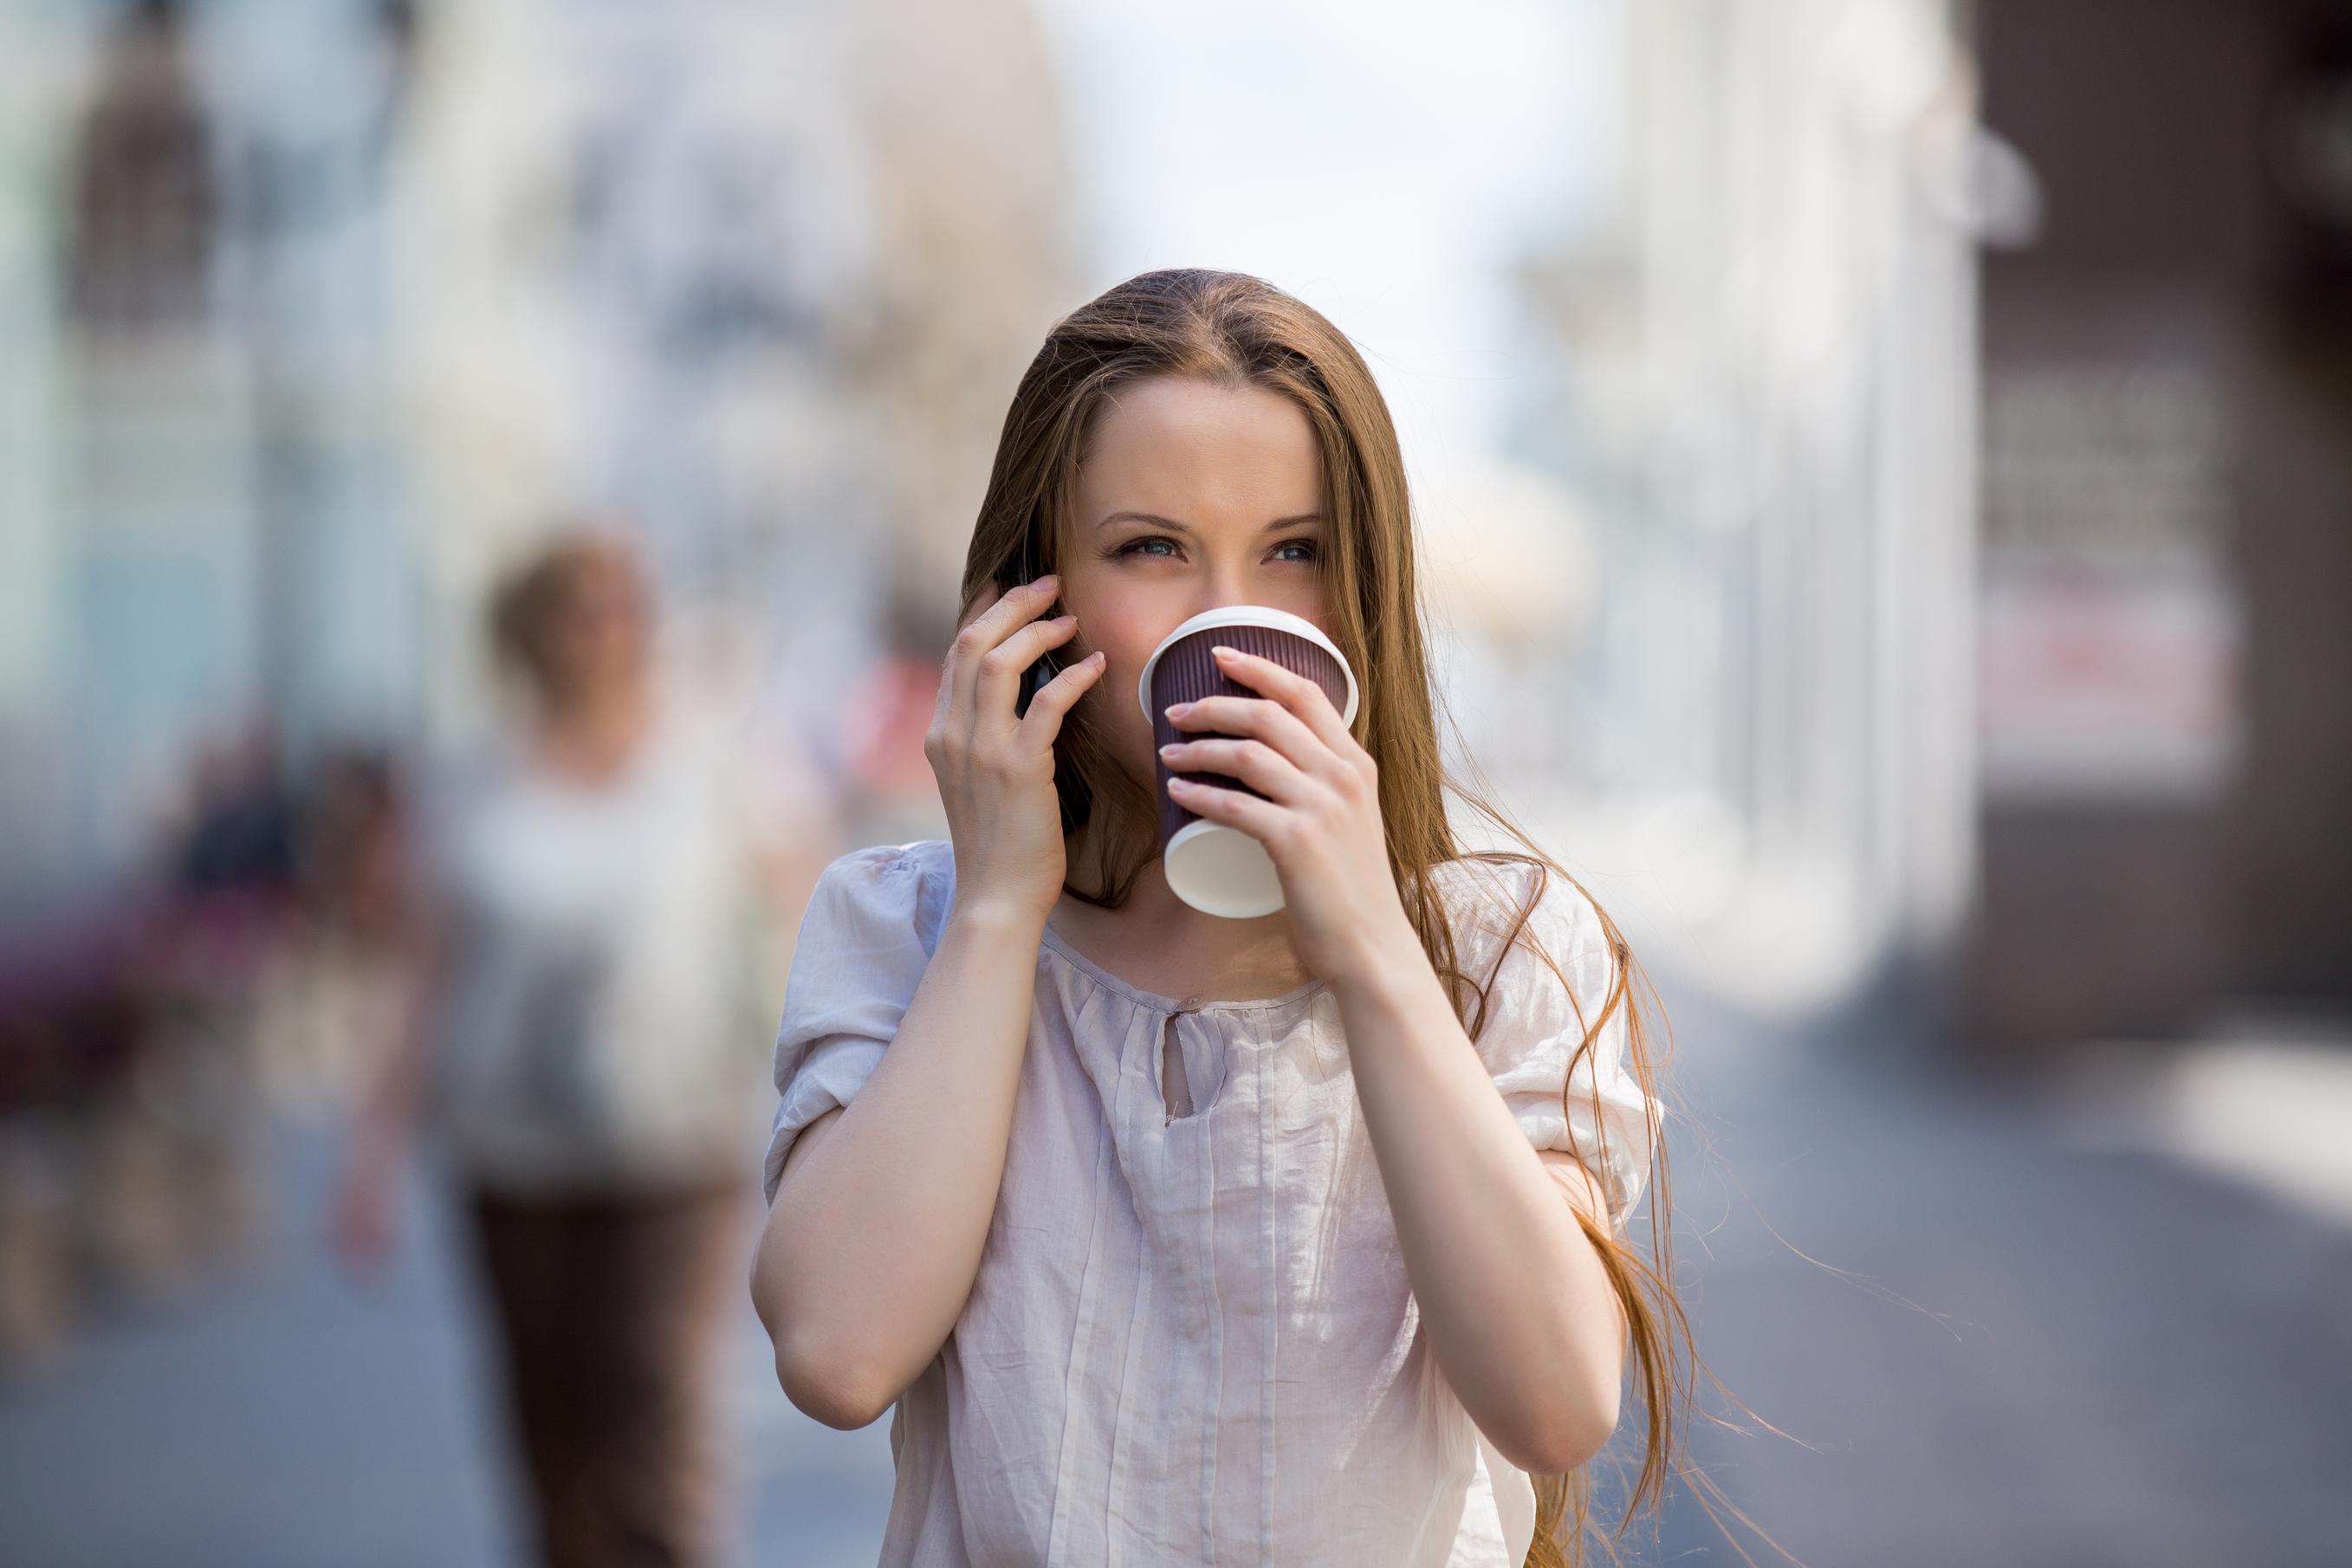 Três oportunidades para o mercado de café fora de casa